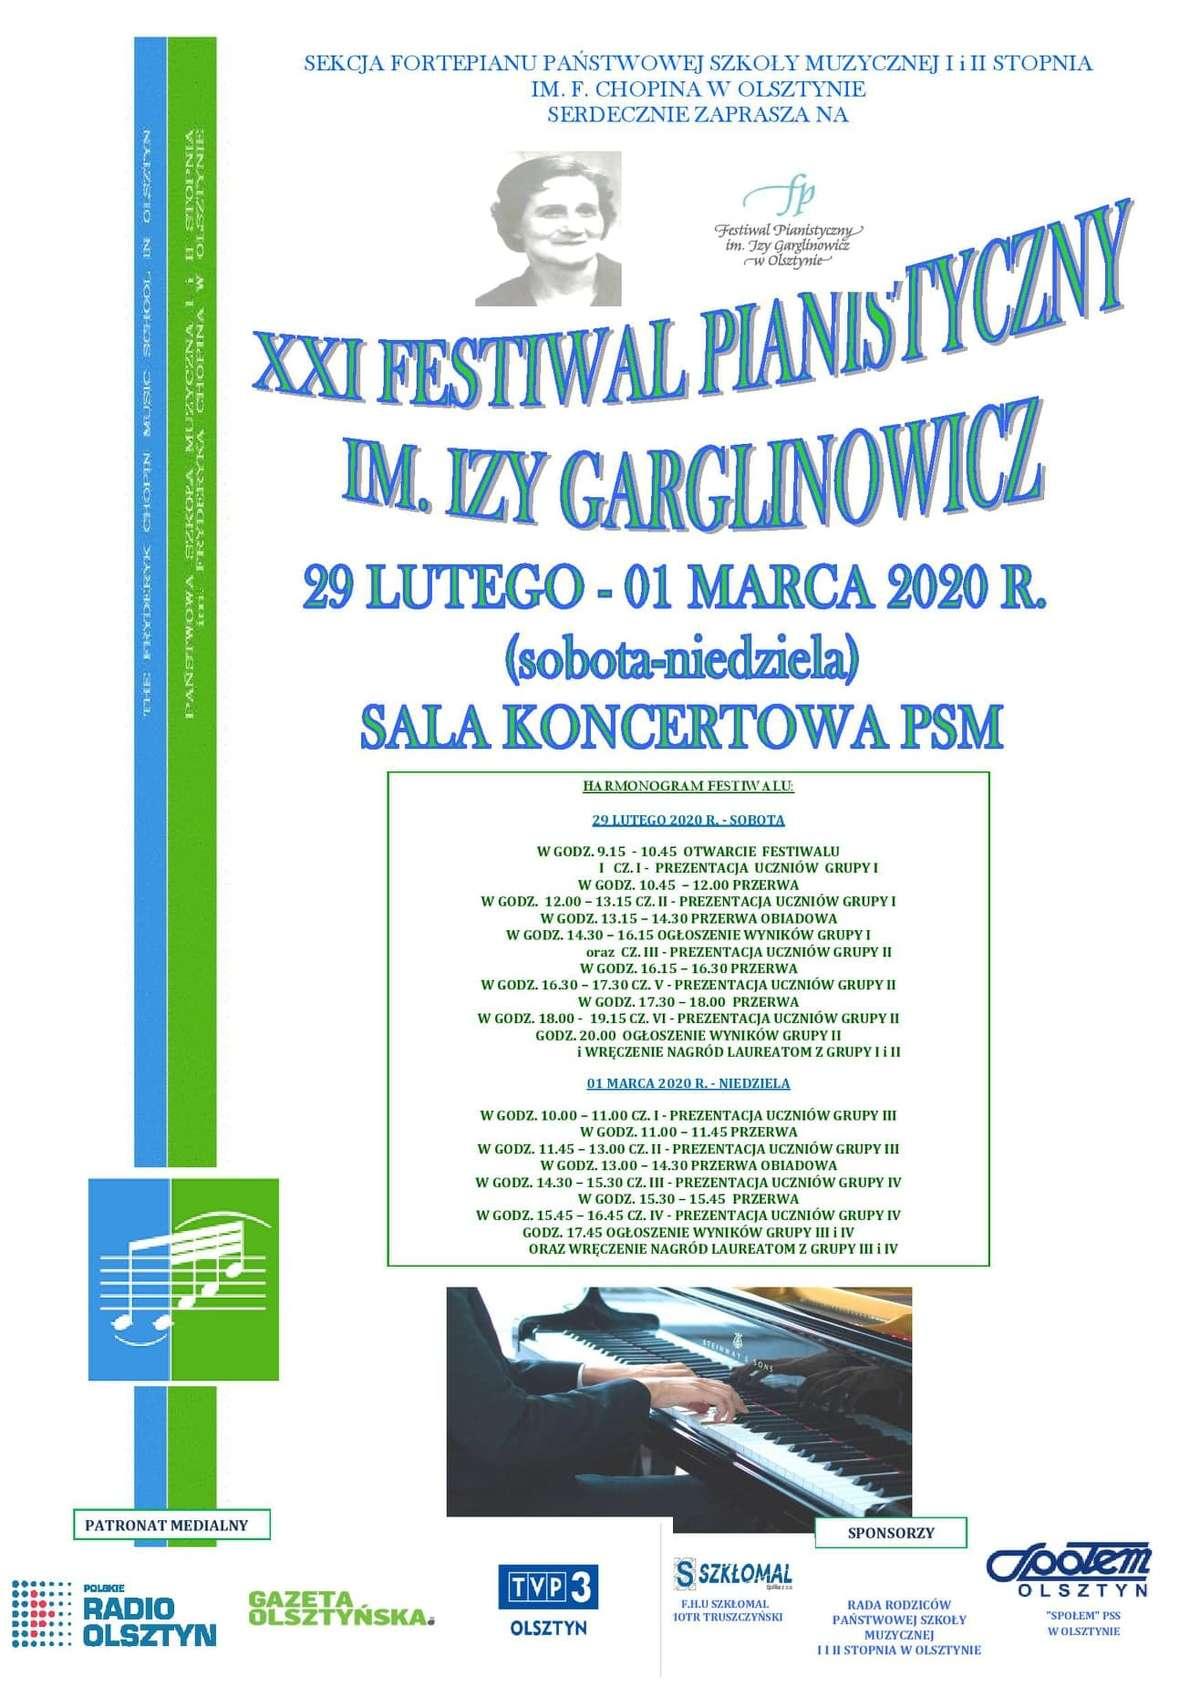 XXI Festiwal Pianistyczny im. Izy Garglinowicz     - full image